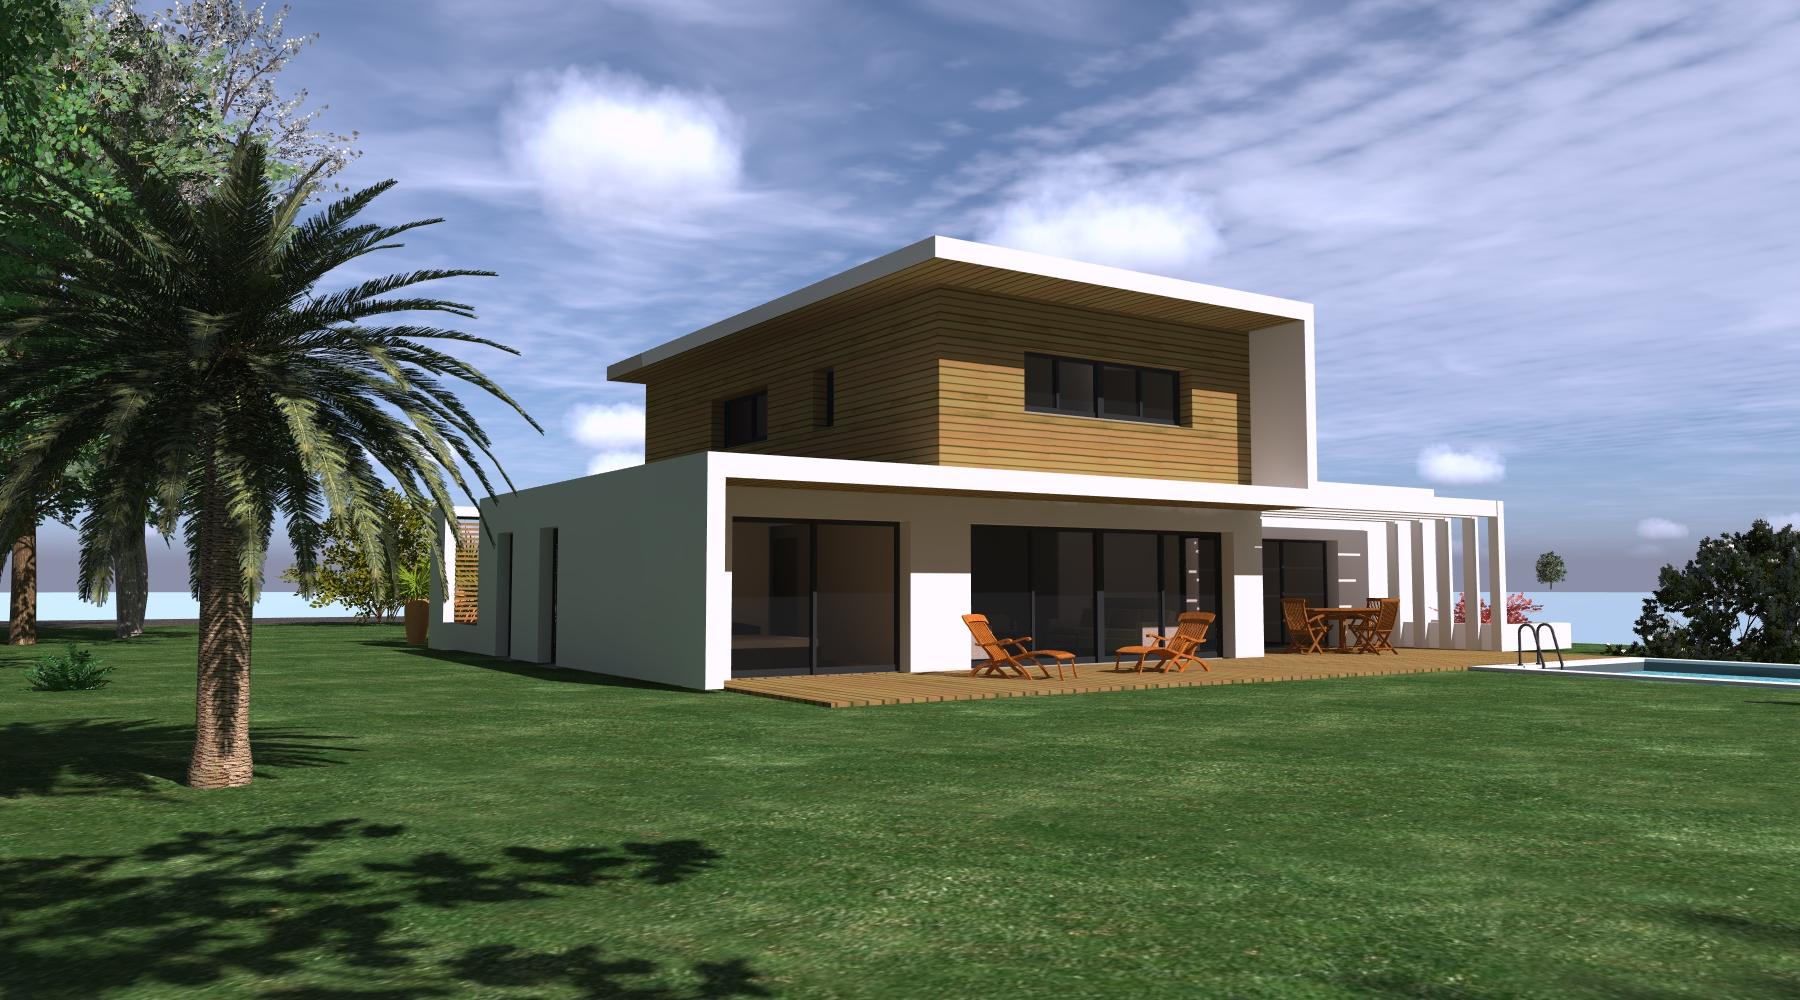 projet h mdb 1 2 vue architecte lise roturier rennes 35000. Black Bedroom Furniture Sets. Home Design Ideas